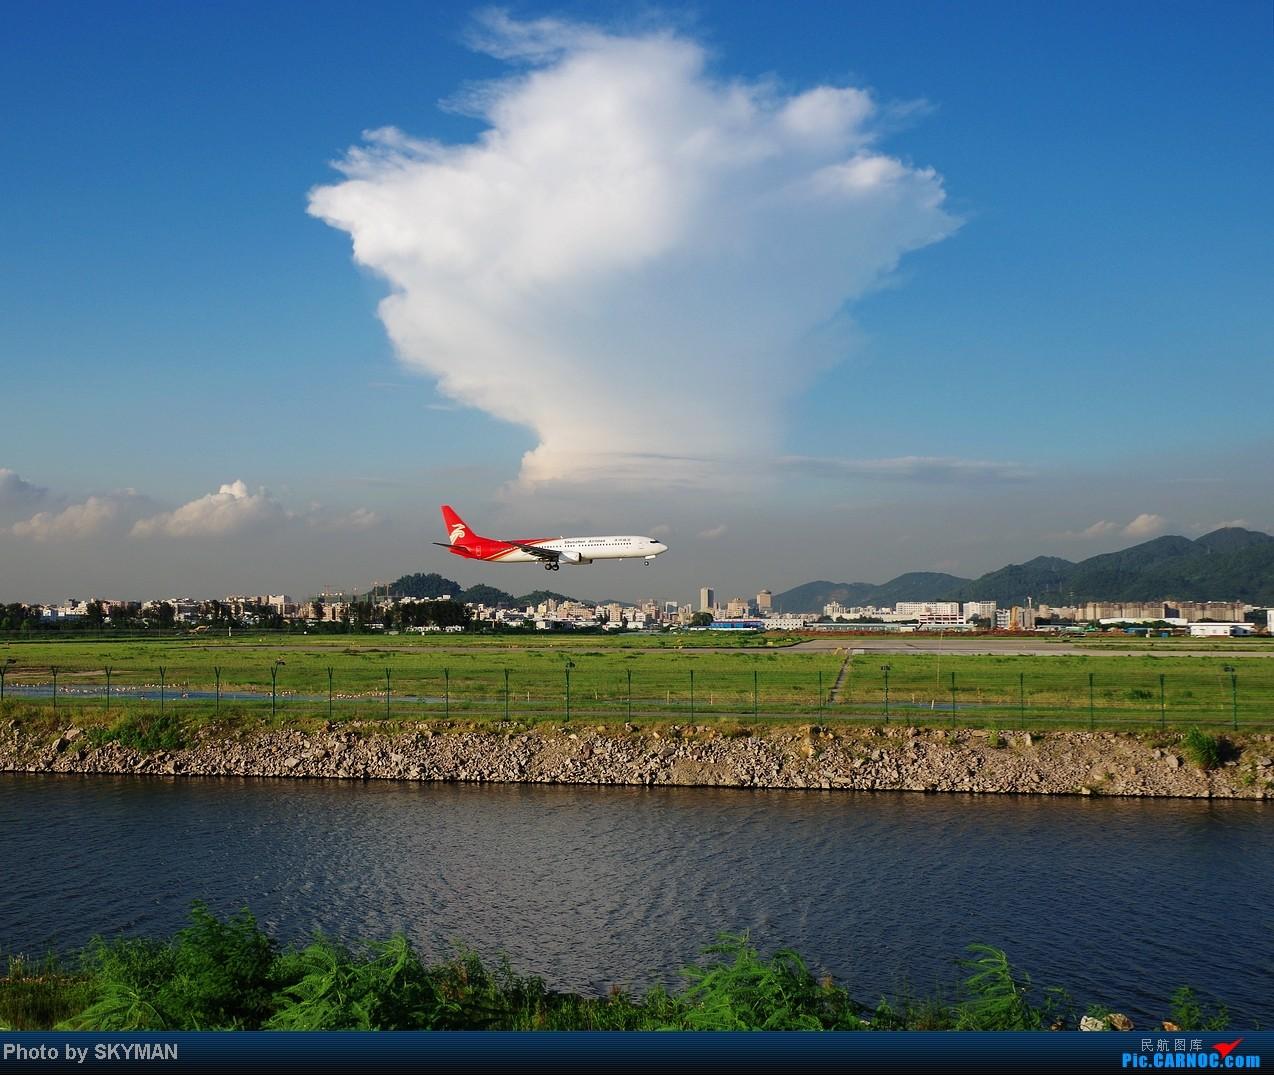 Re:[原创]各路好汉都来了 这小艳阳天儿都给力了呗  沟爷又说了 这都不是四儿    中国深圳宝安机场